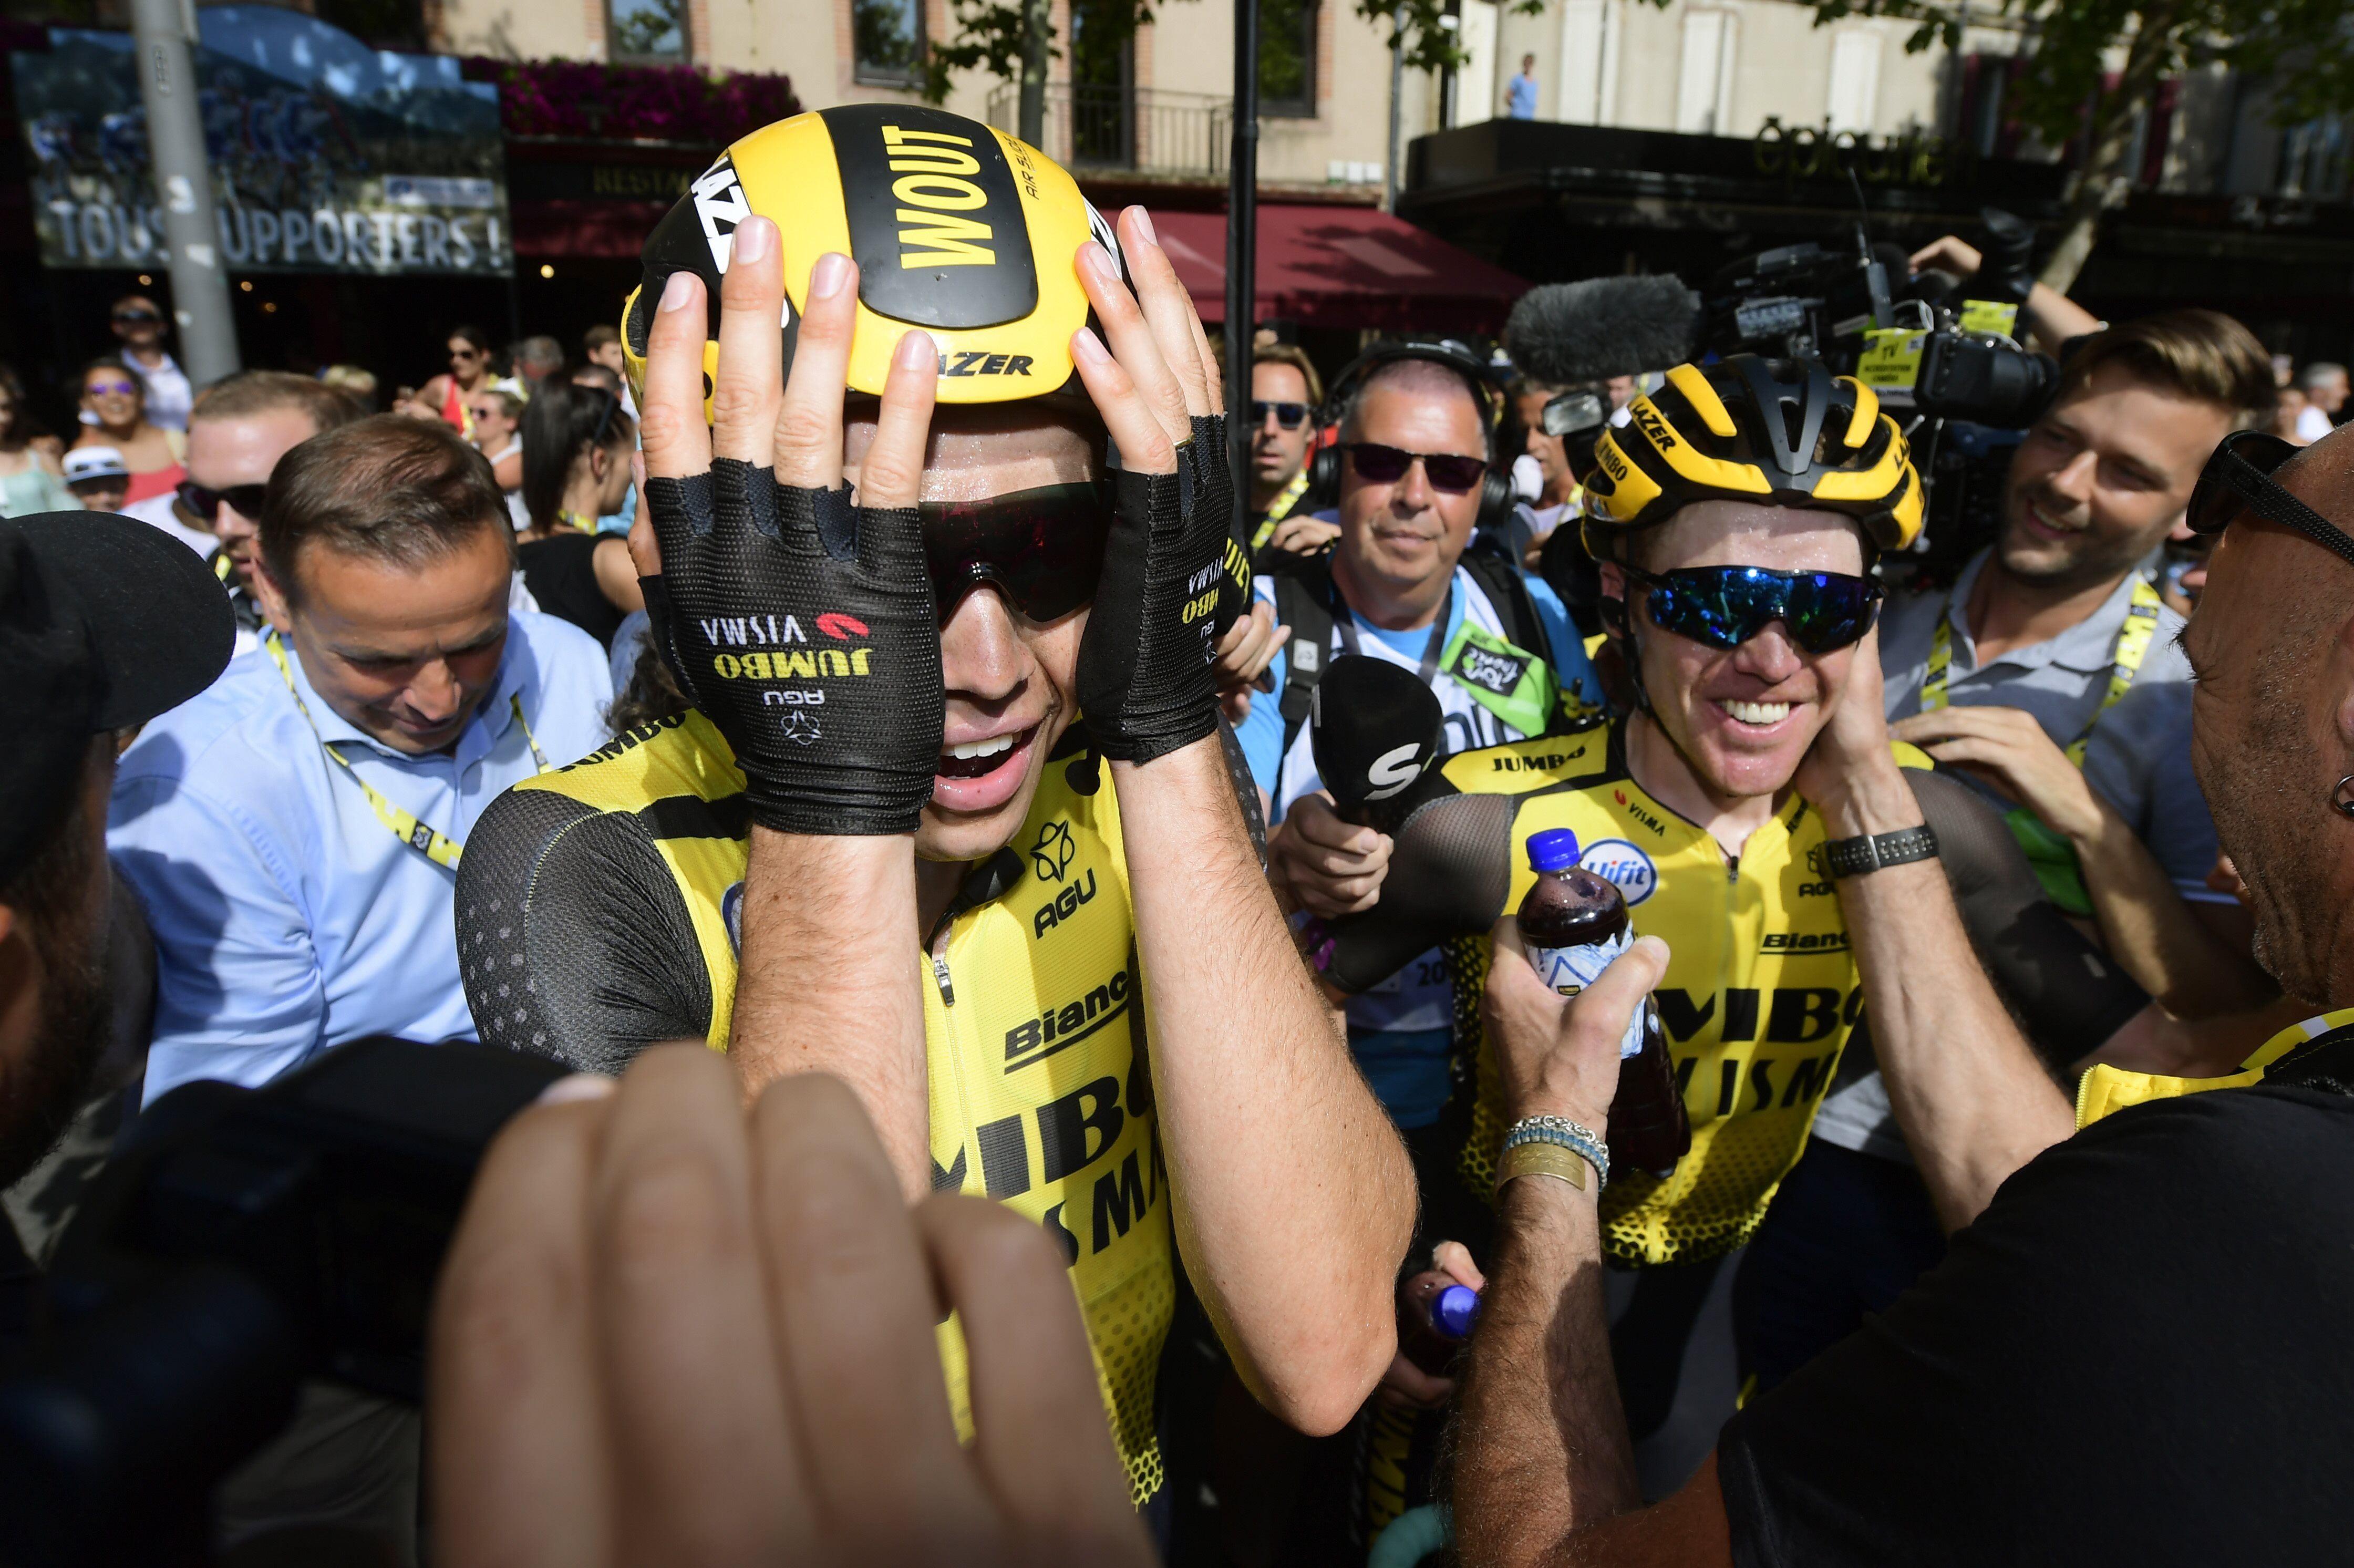 Cyclisme - Tour de France - Tour de France 2019 : Vent de folie sur la Grande Boucle